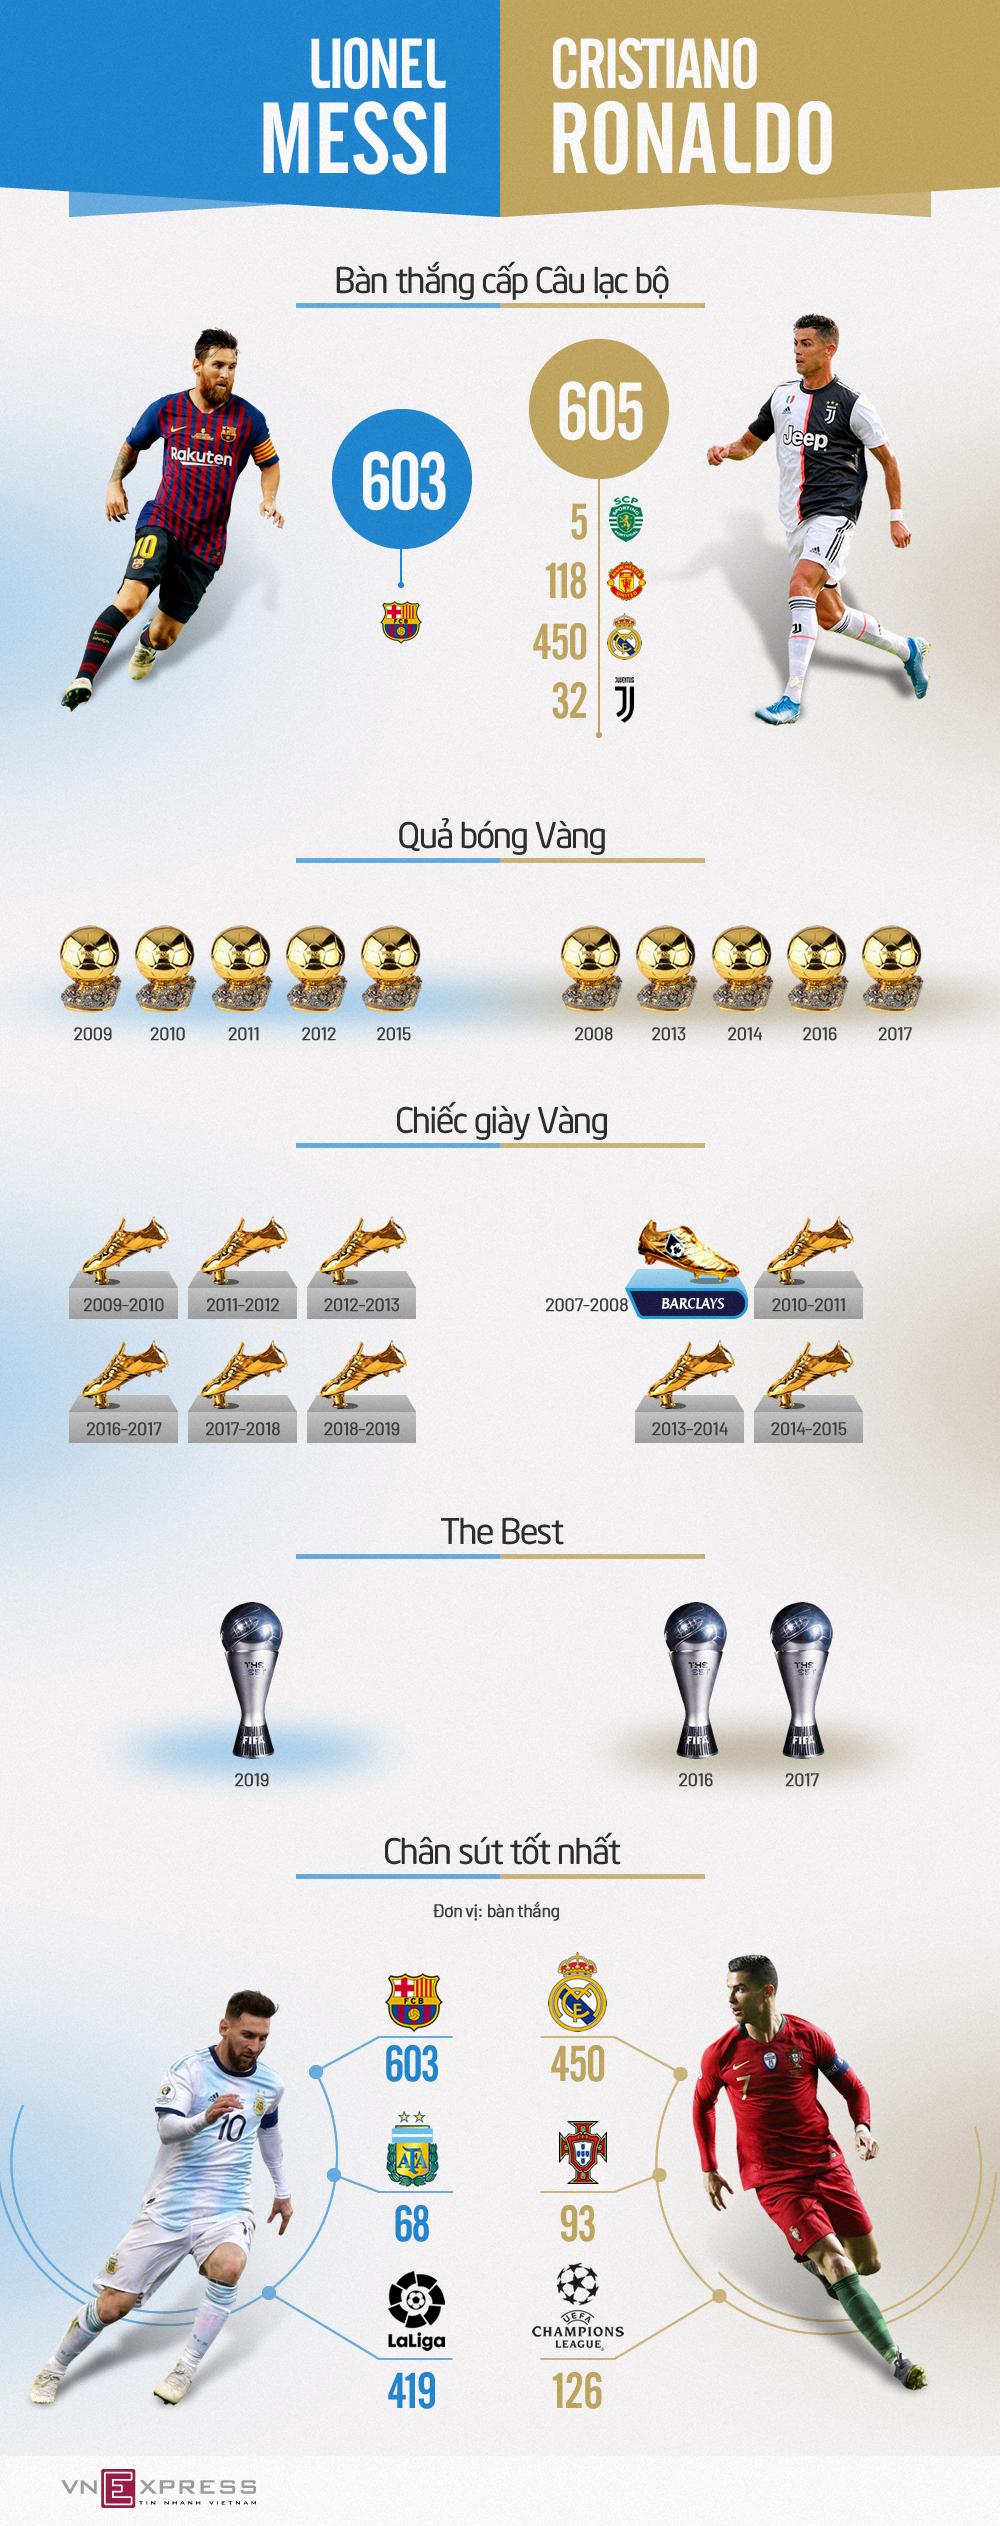 Messi - Ronaldo và những cuộc đua thiết lập kỷ lục